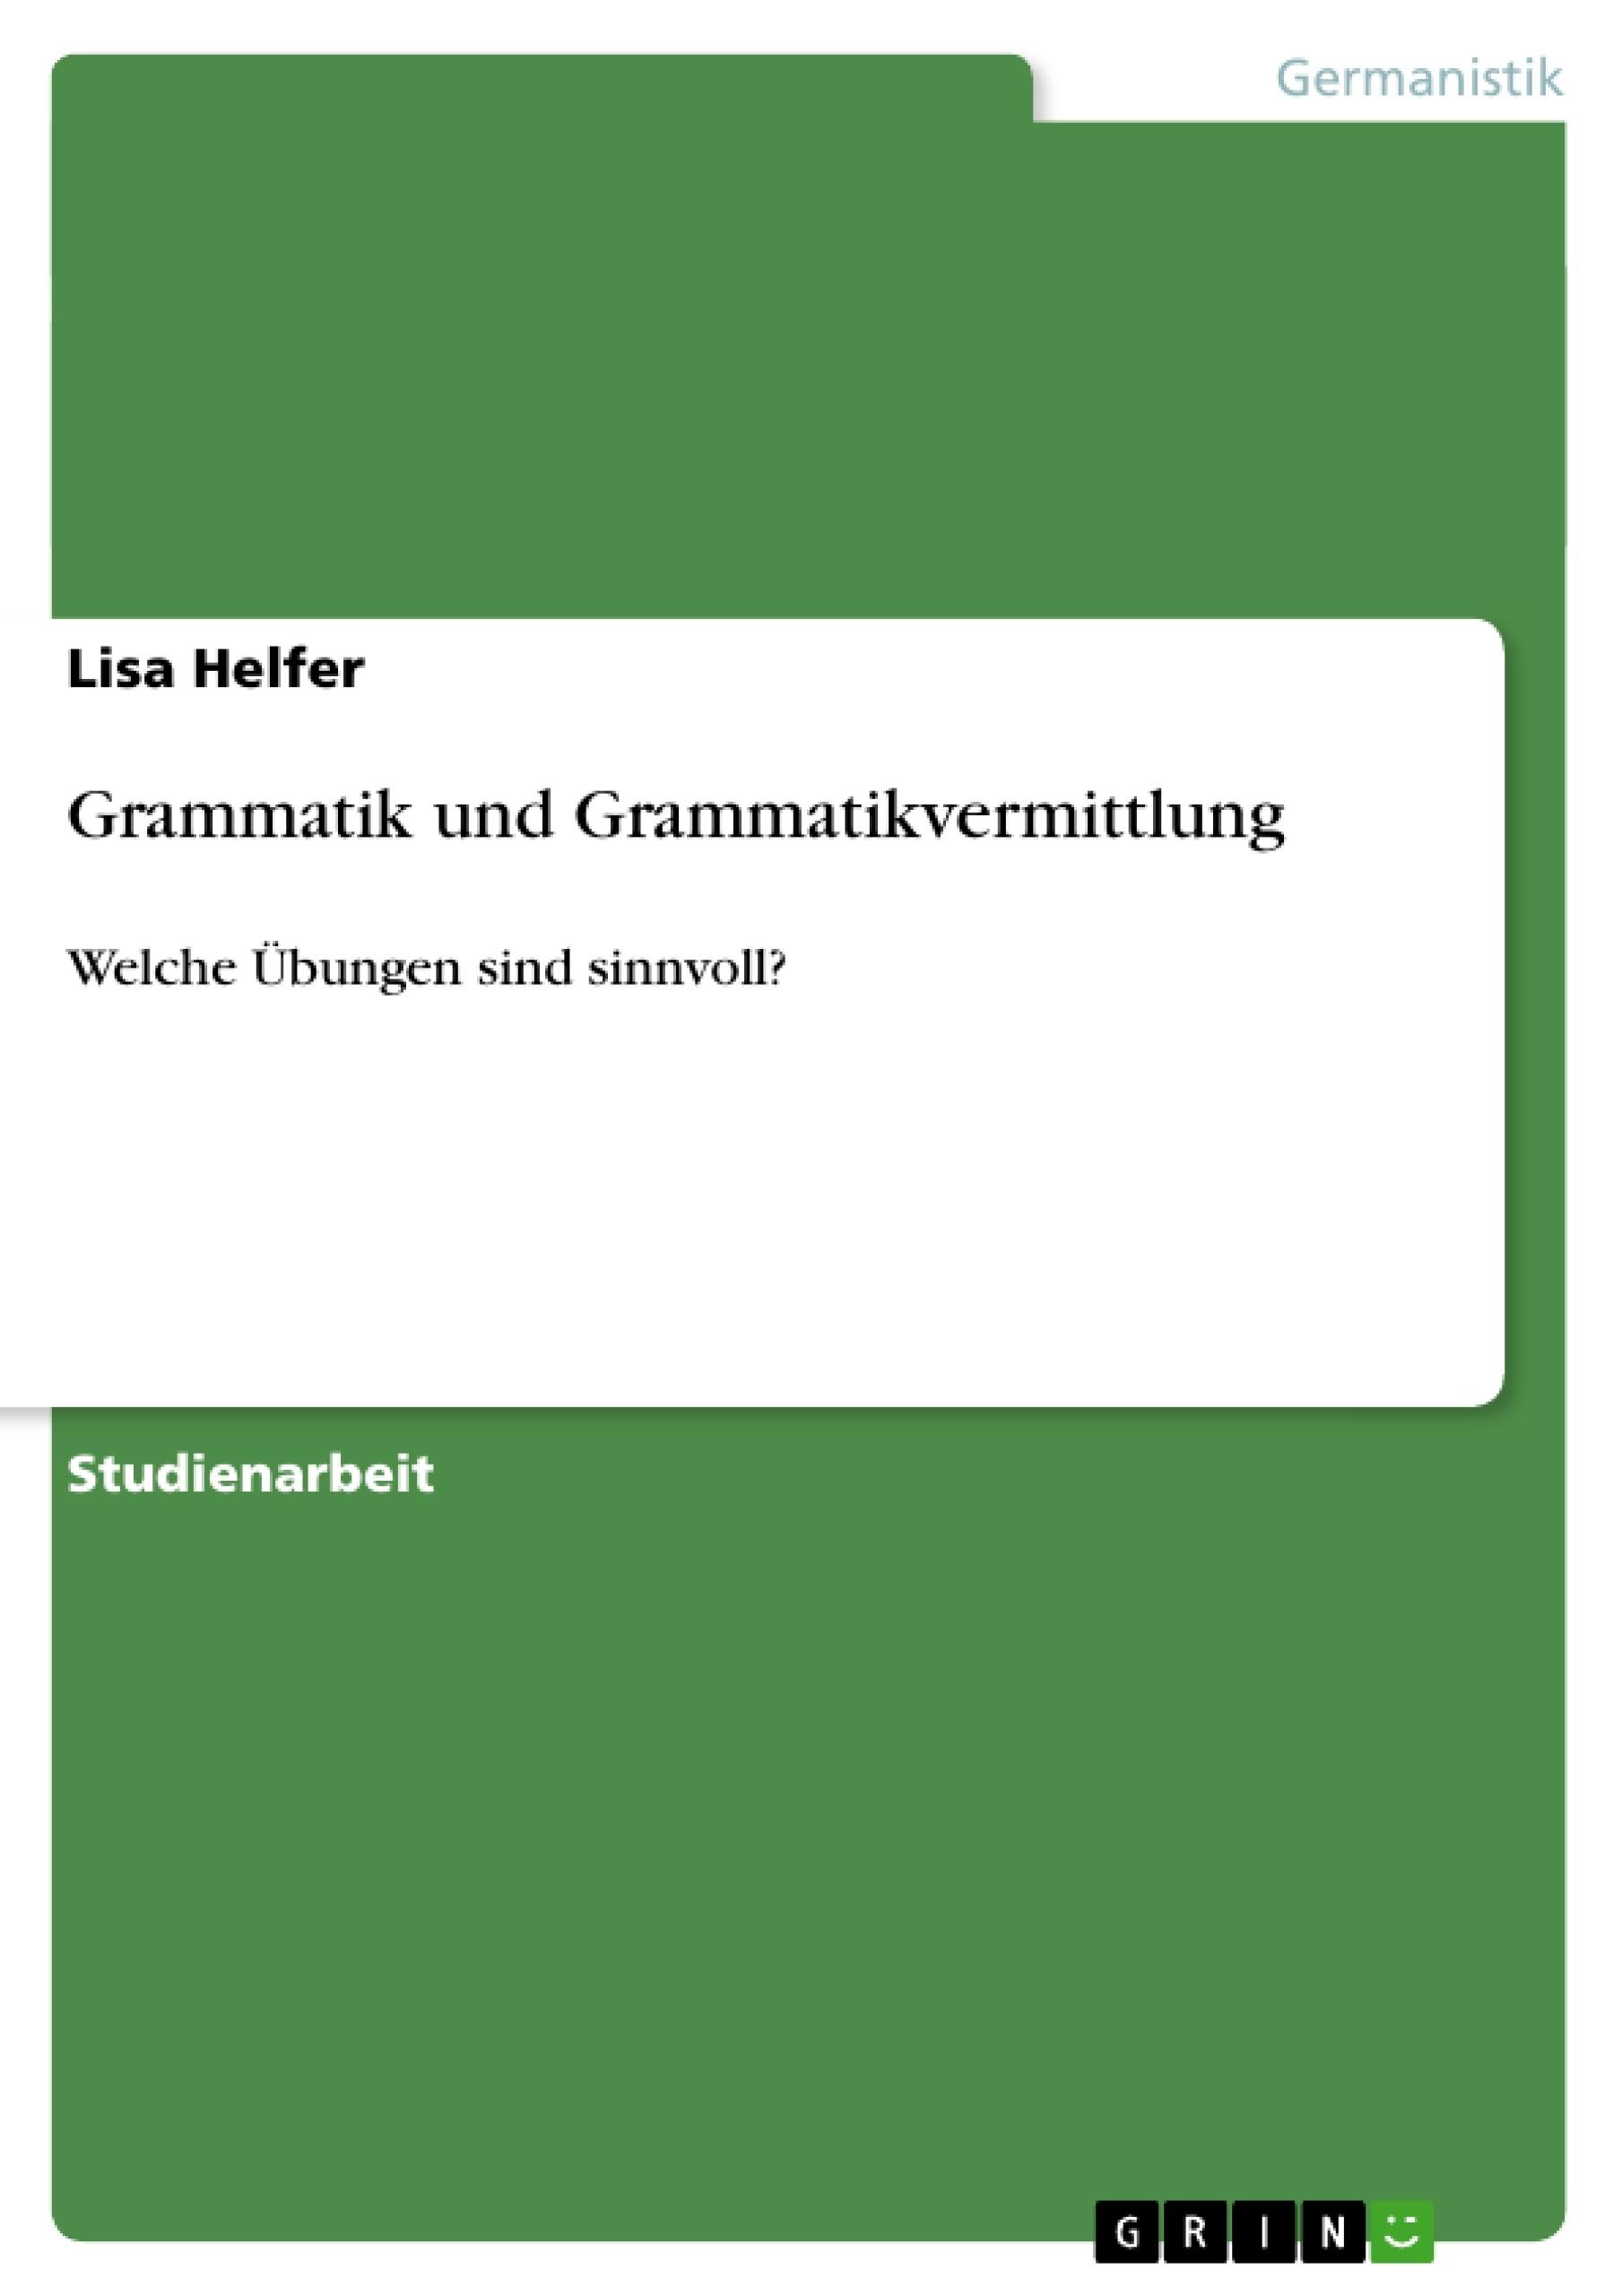 Titel: Grammatik und Grammatikvermittlung